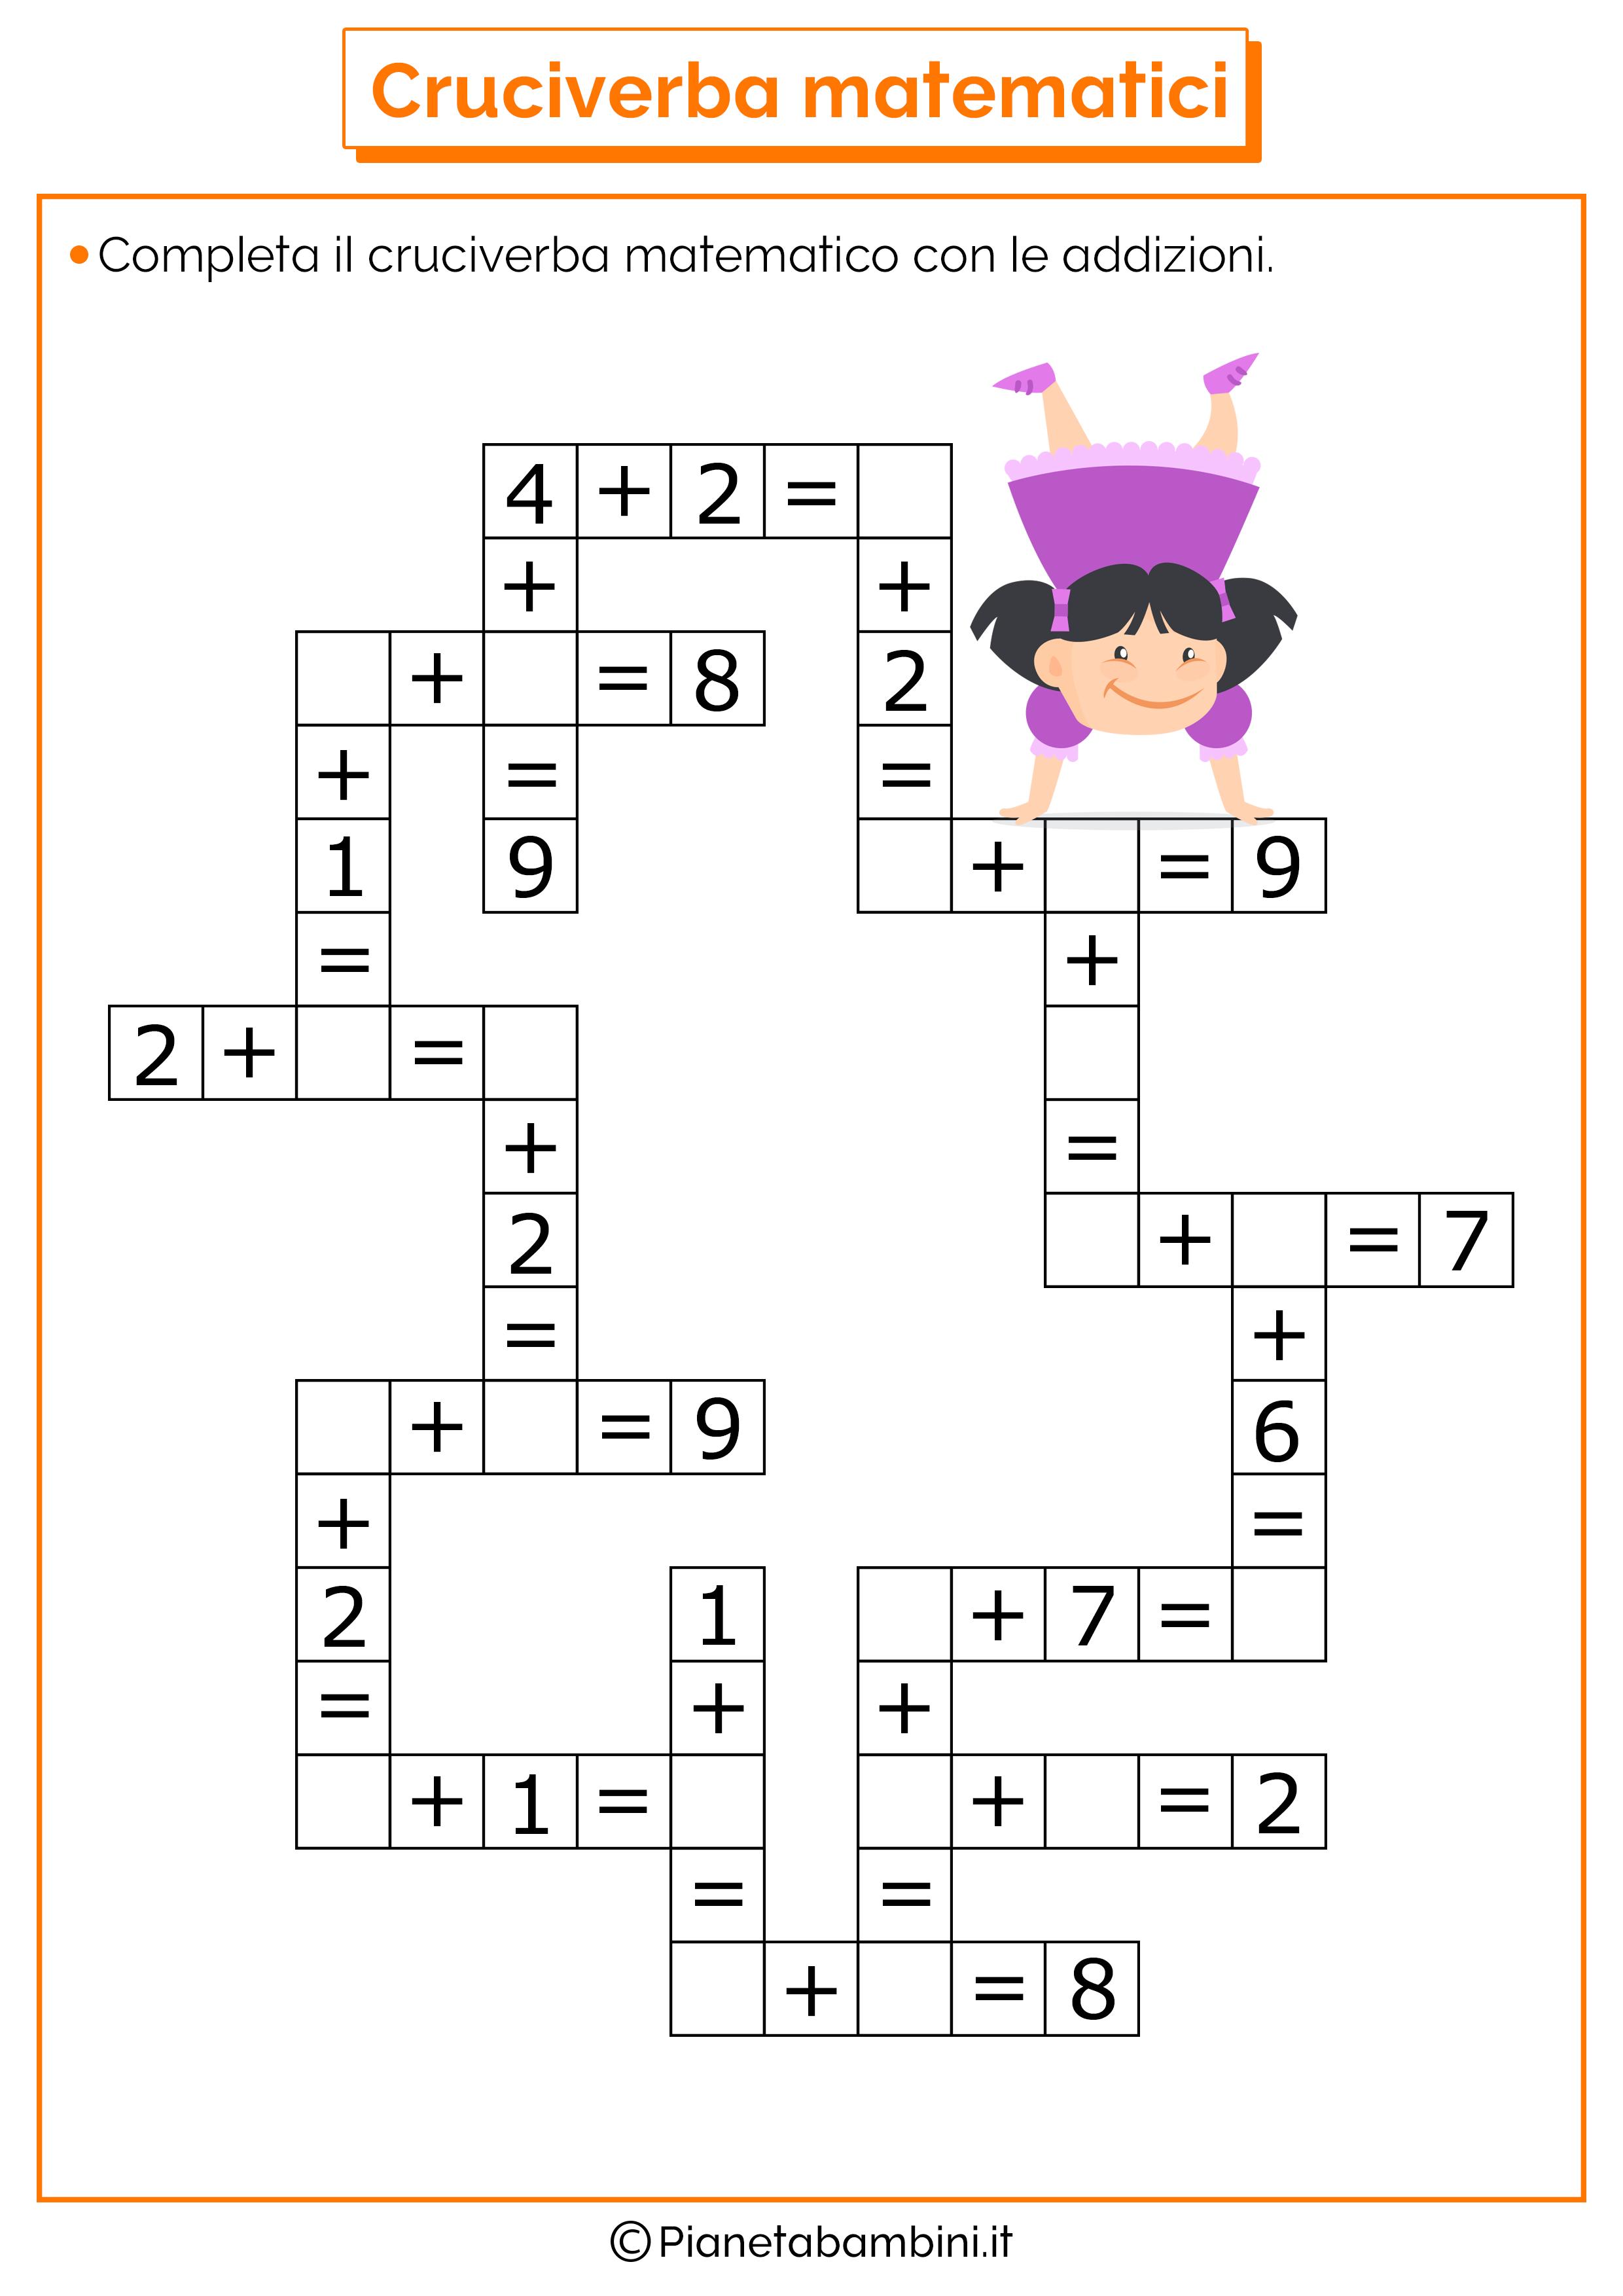 Cruciverba matematici con addizioni e sottrazioni asilo for Cruciverba da stampare